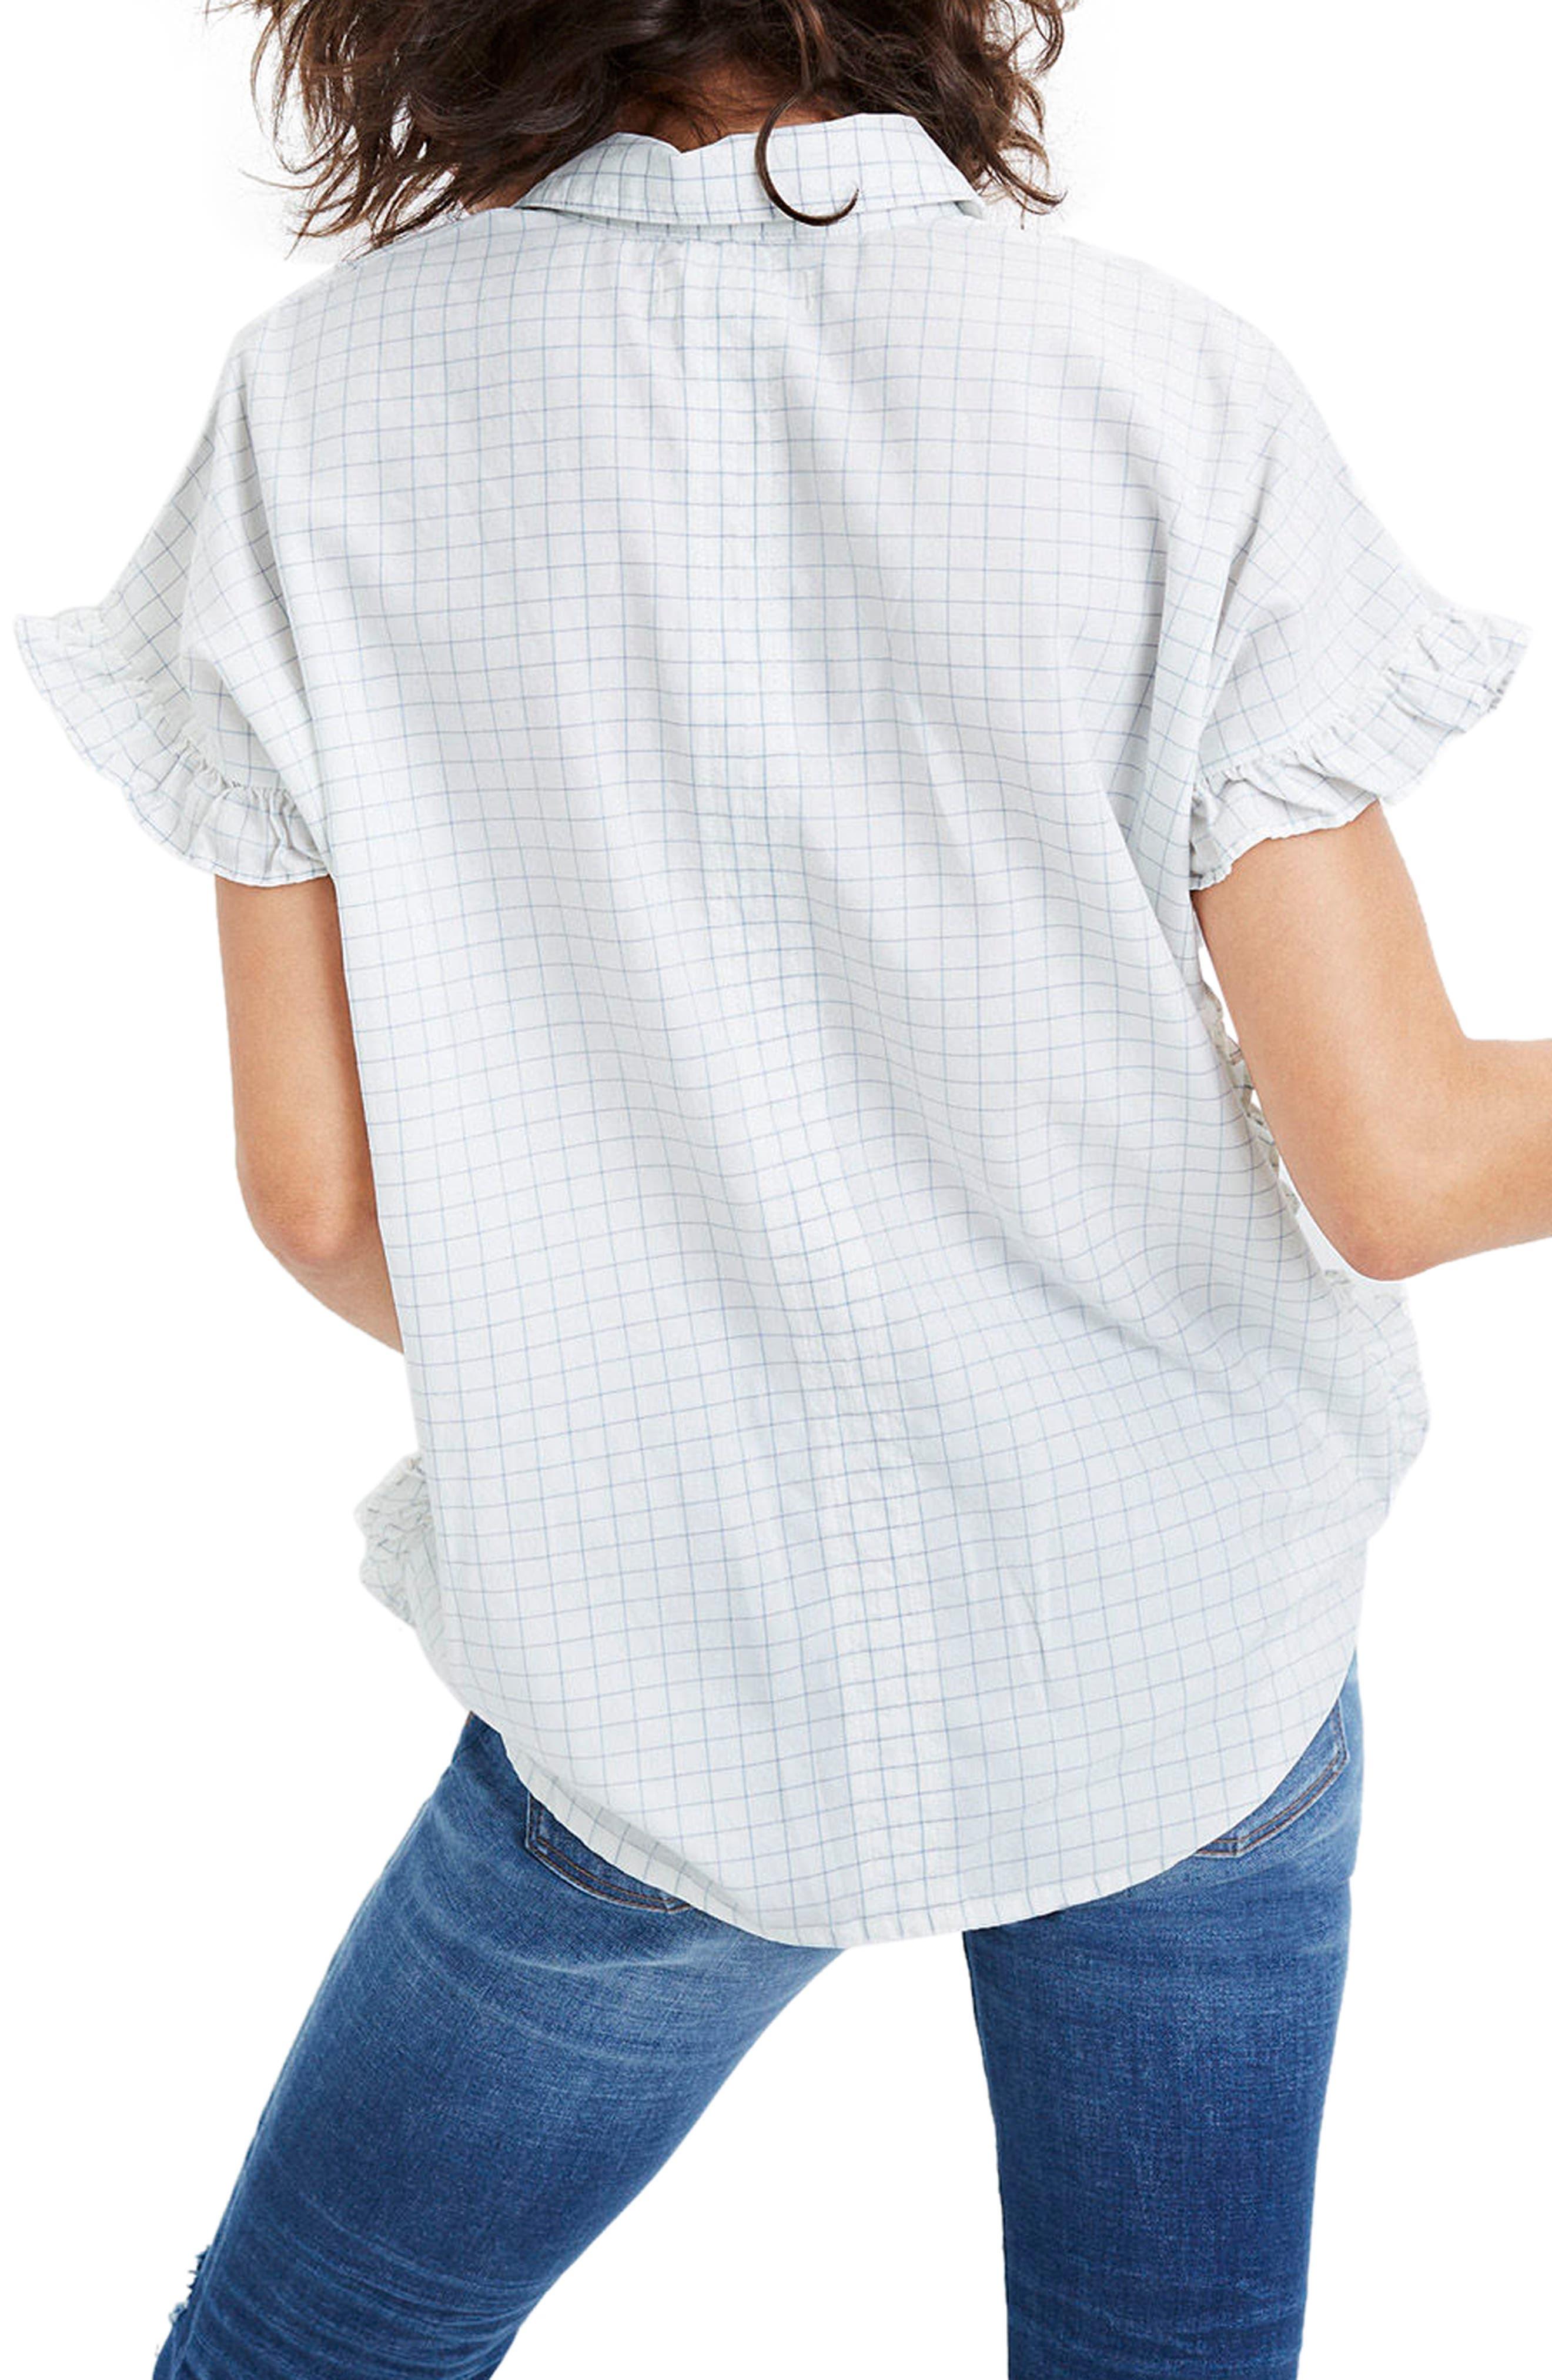 Alternate Image 2  - Madewell Windowpane Check Ruffle Shirt